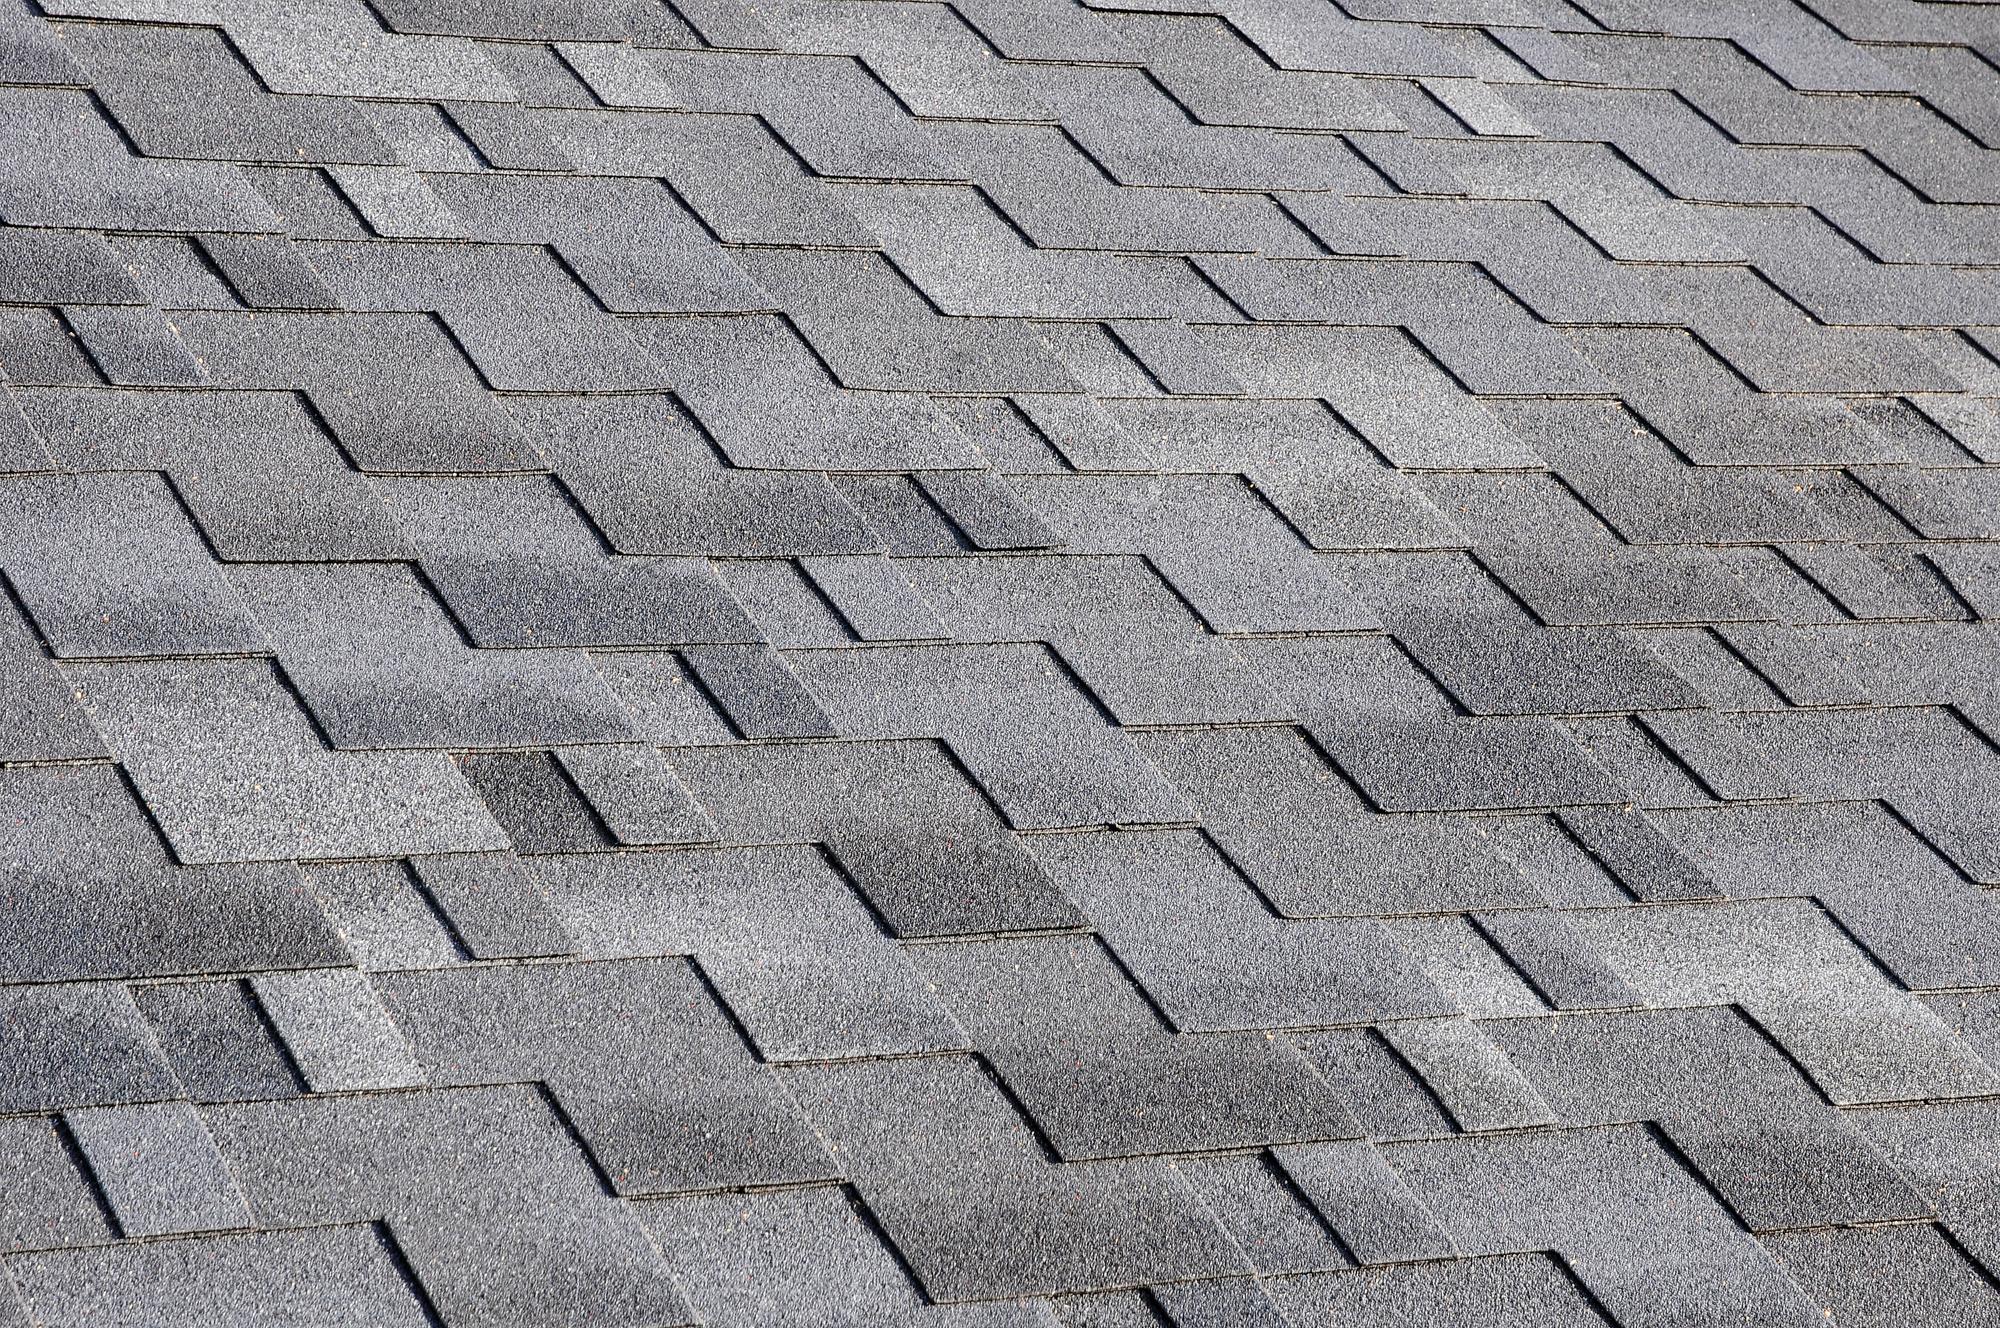 How to shingle a roof